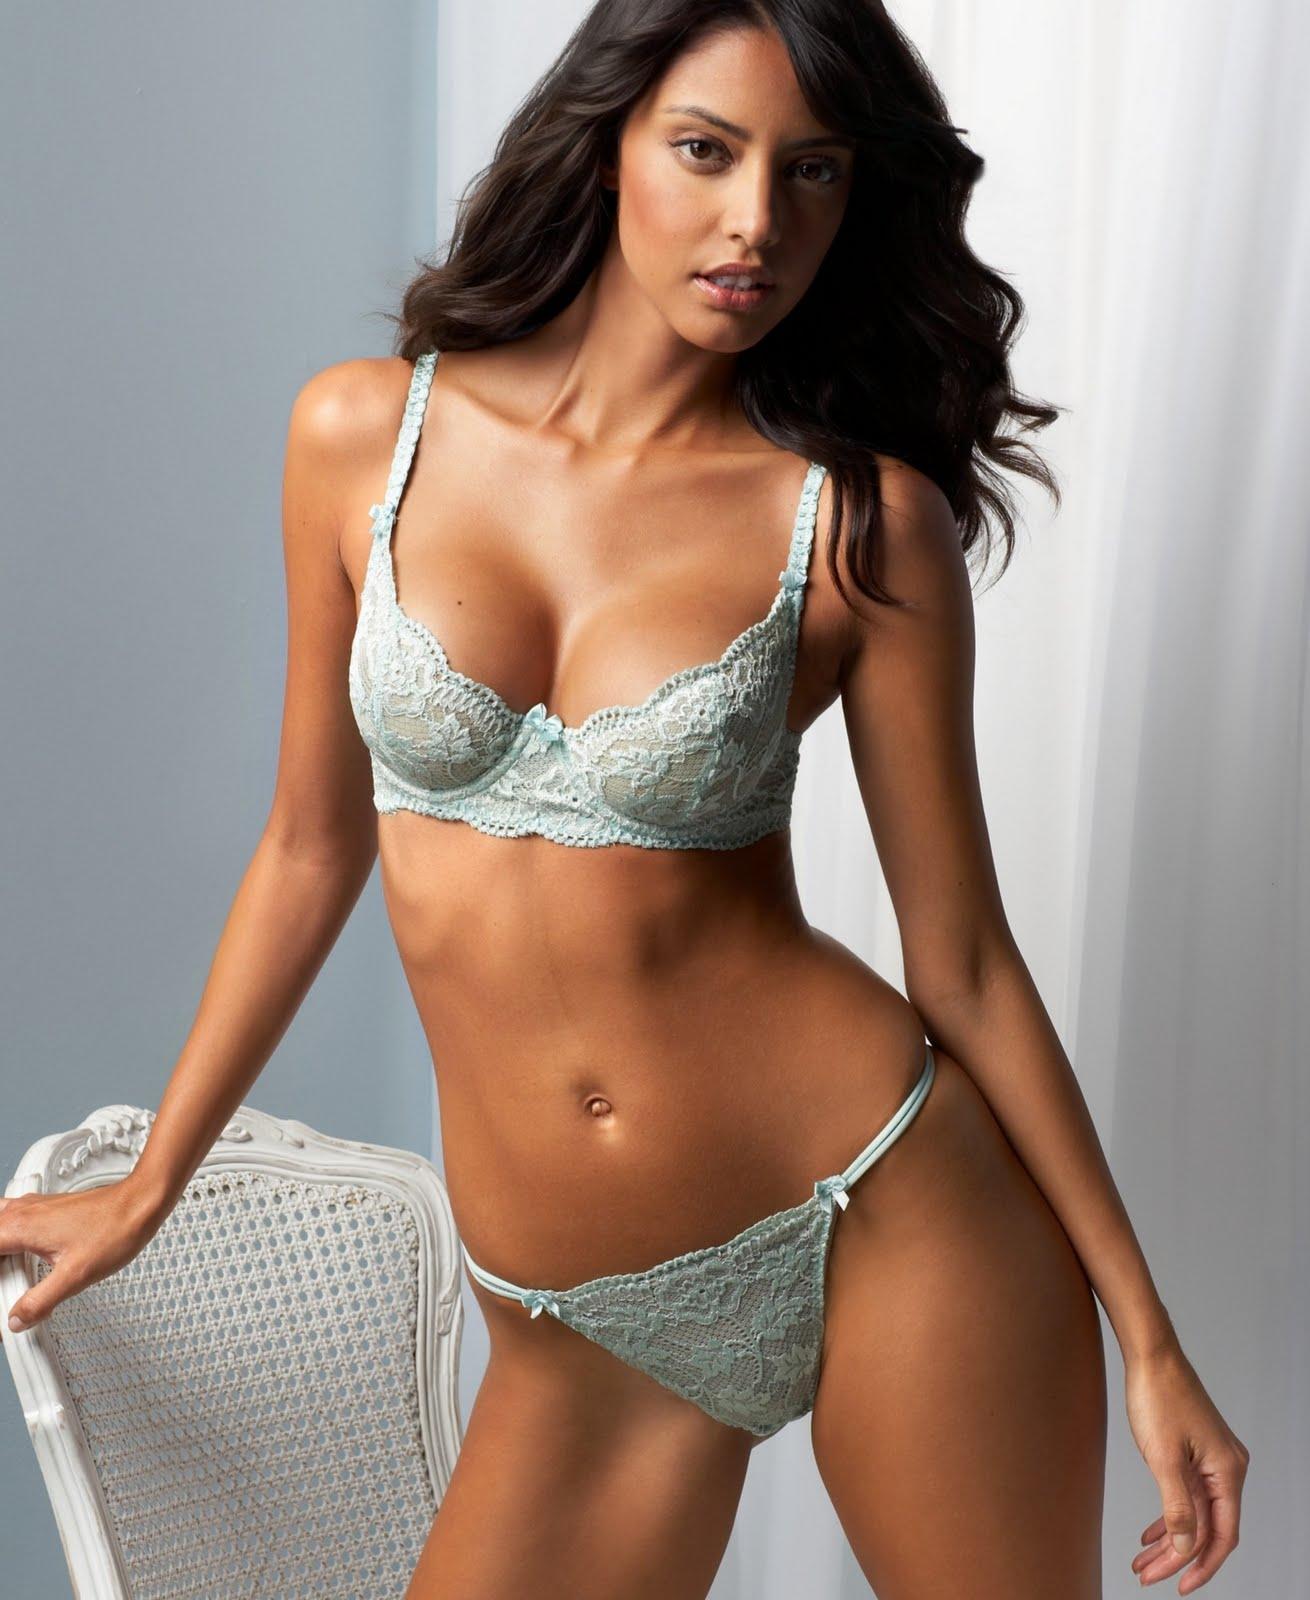 Female mexican bikini models